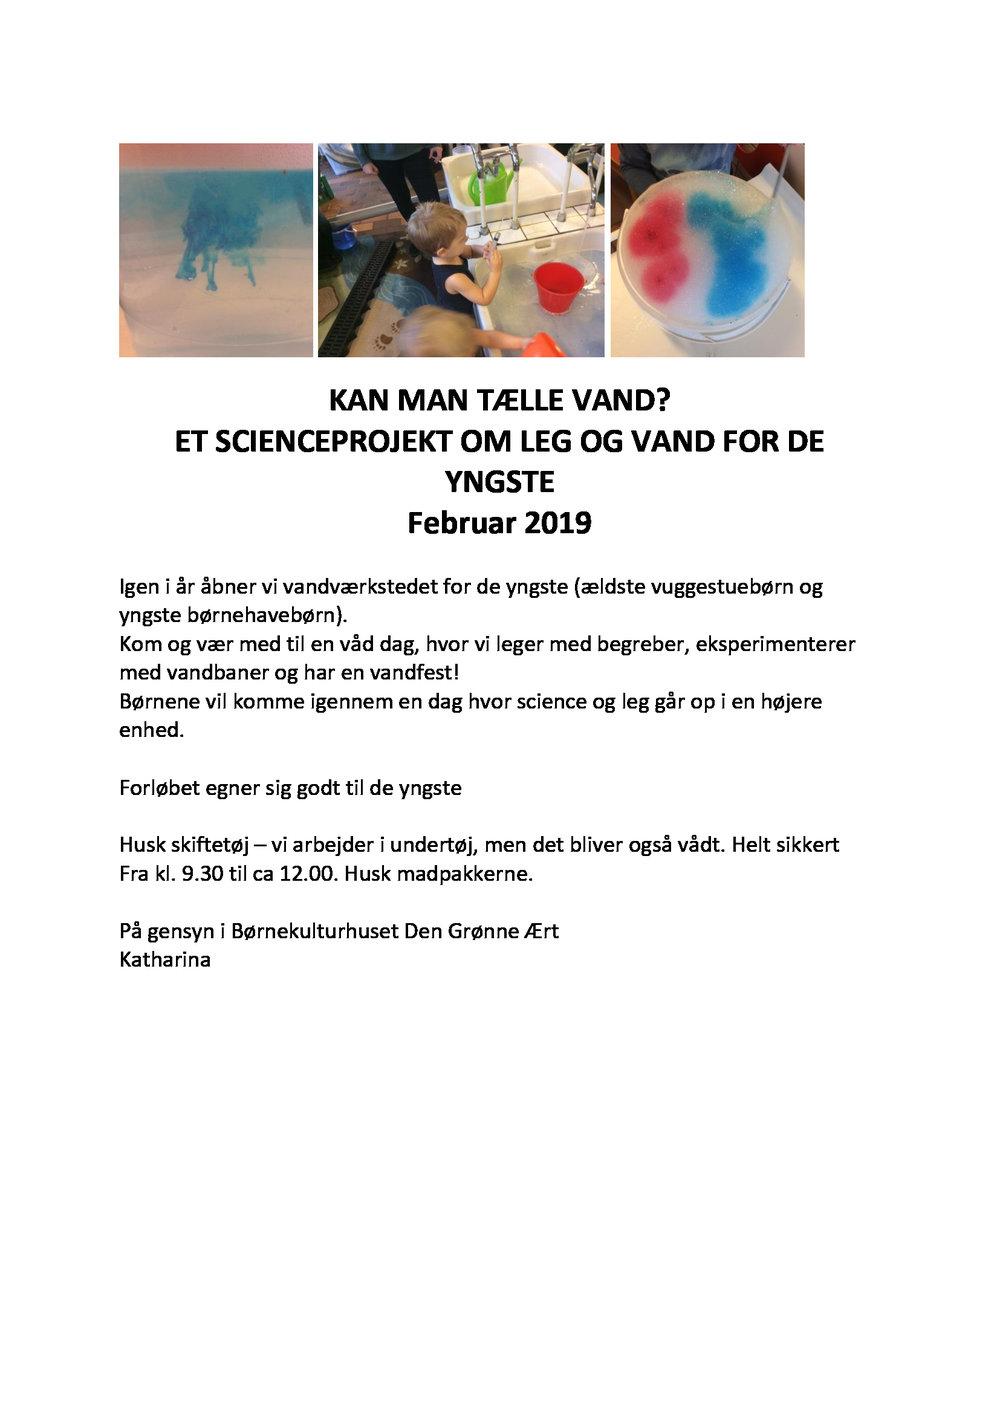 KAN-MAN-TÆLLE-VANd-til-hjemmesiden.jpg